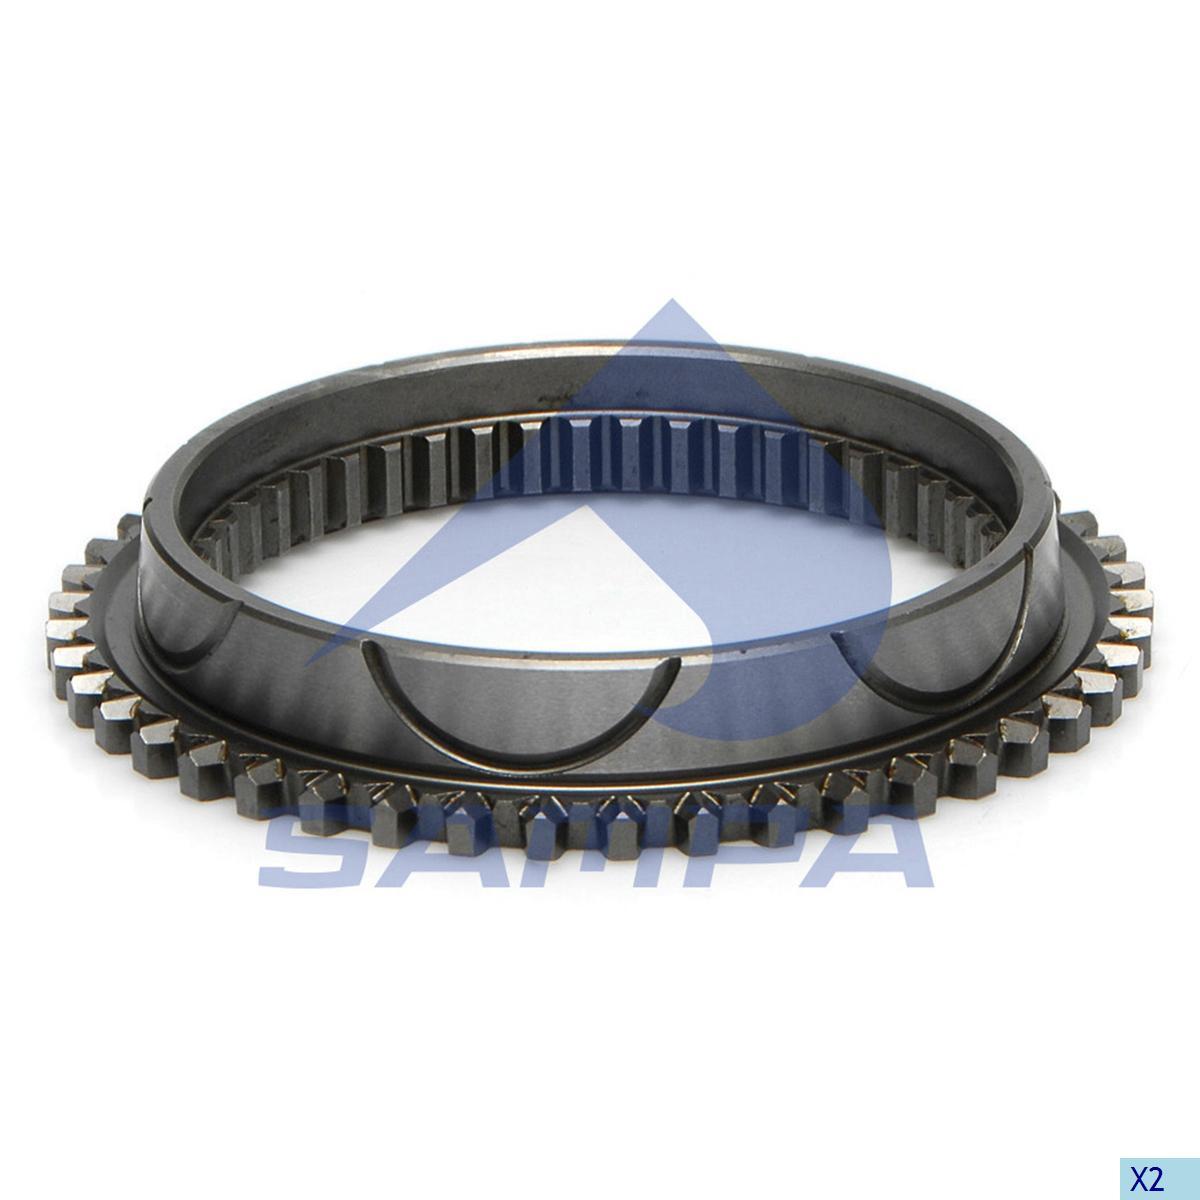 Synchronizing Cone, Main Shaft, Man, Gear Box